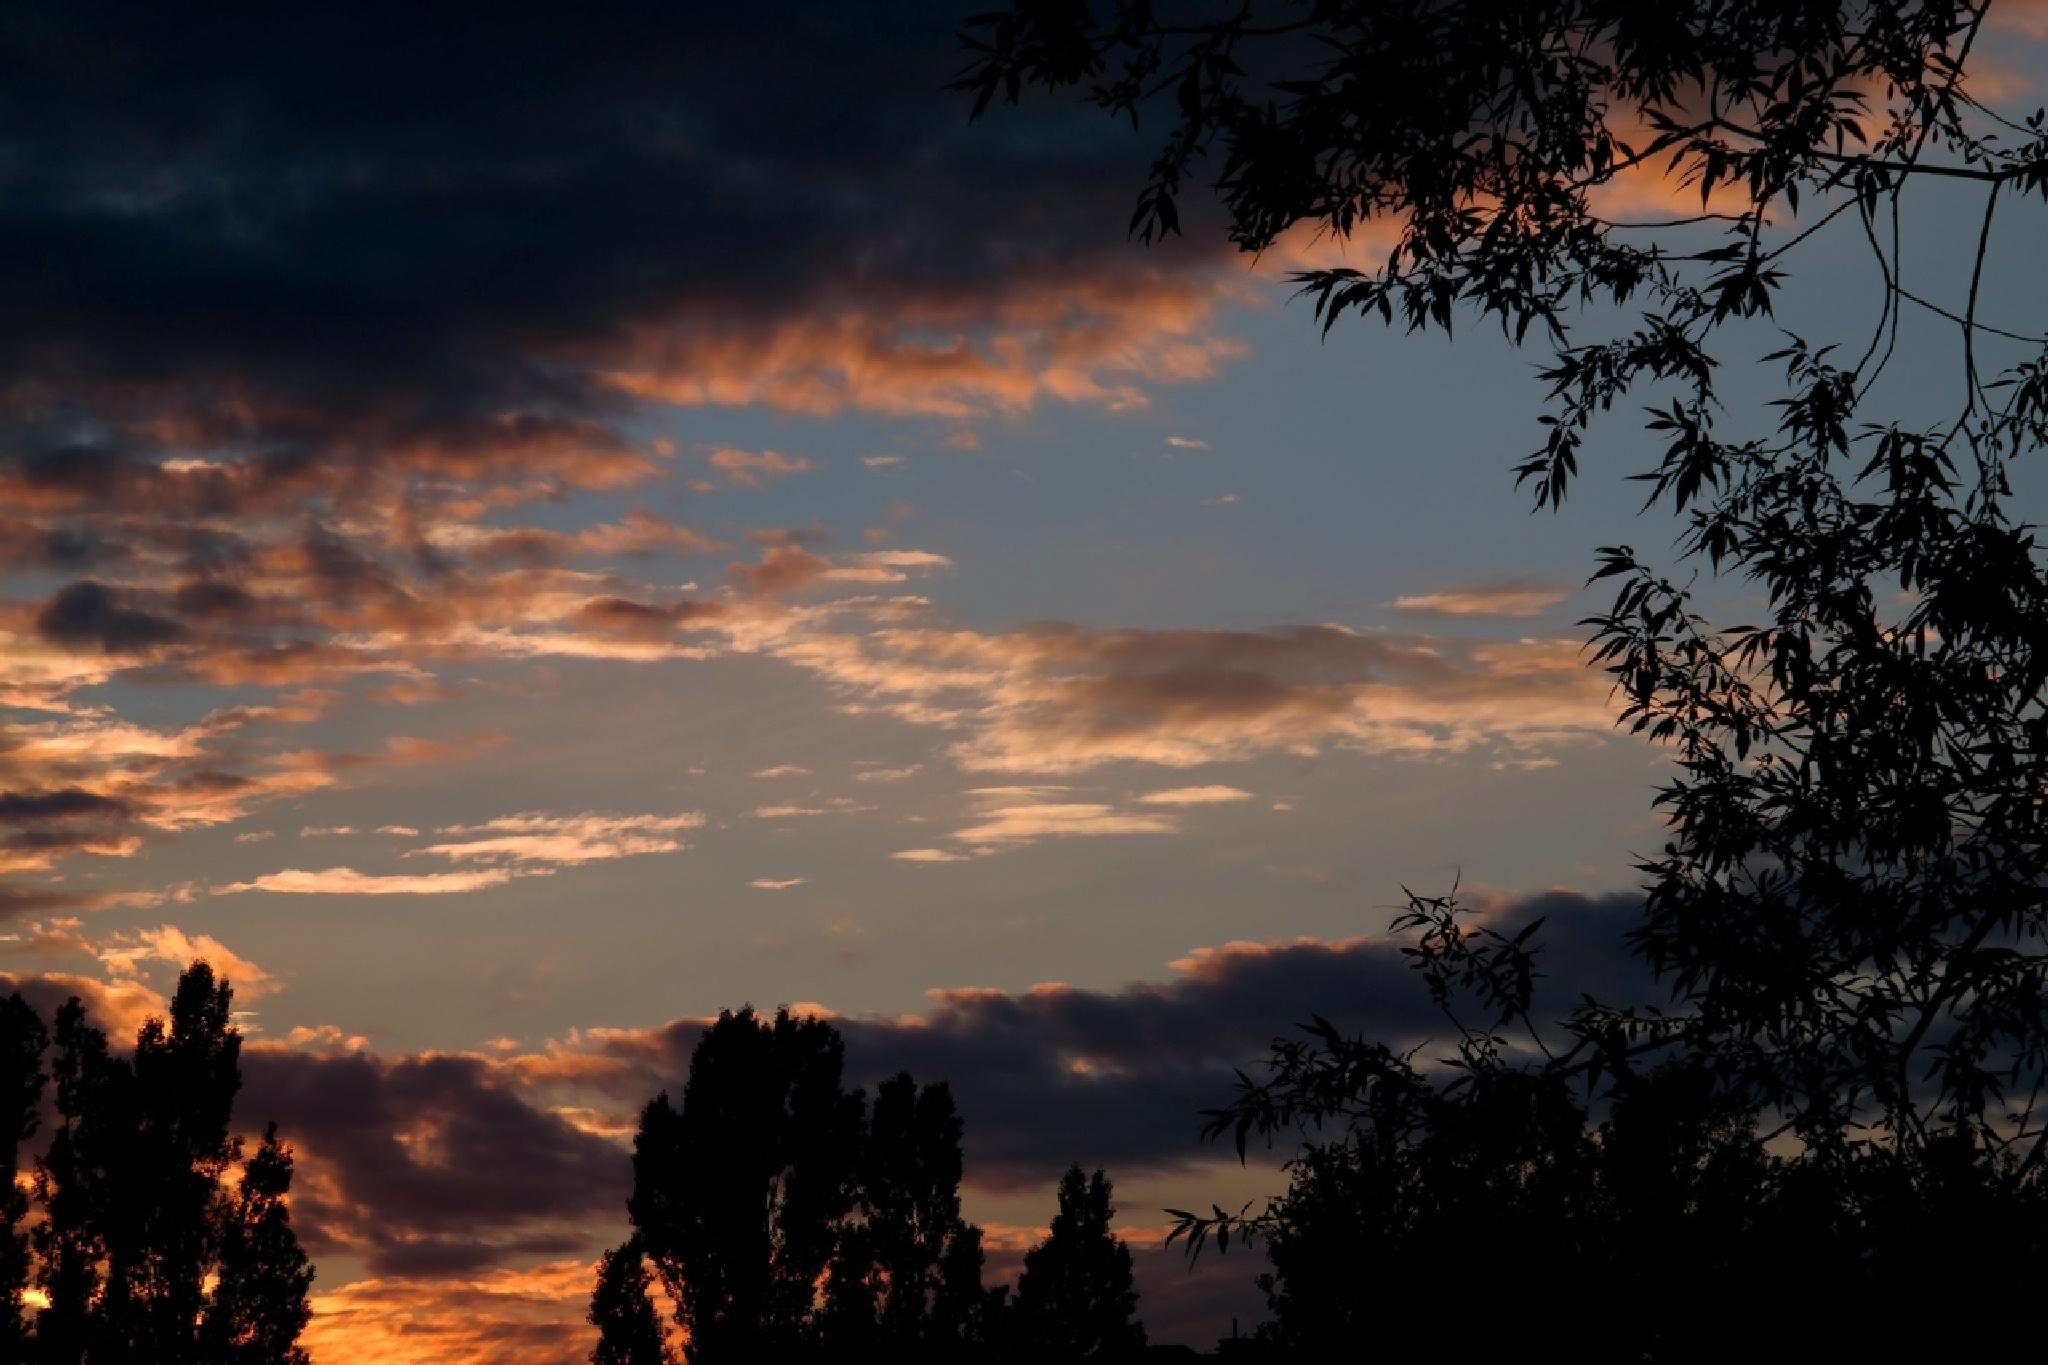 sunset by Zbigniew Włodarski